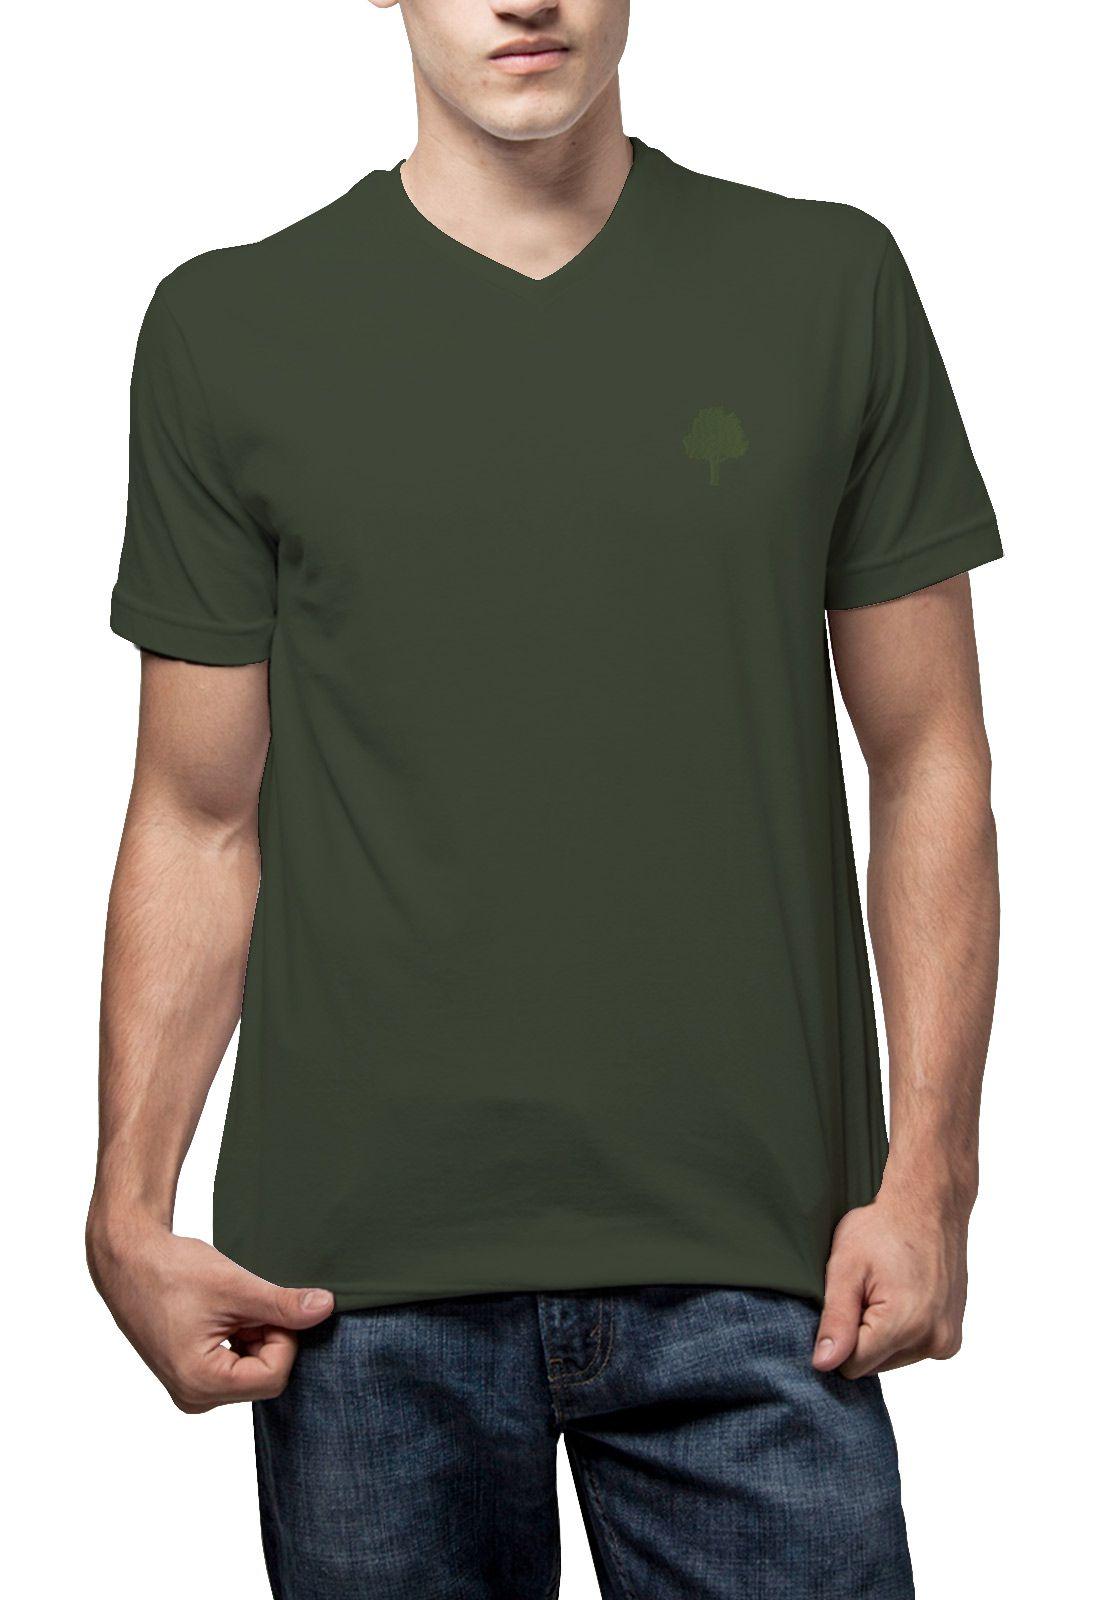 Camiseta Amazônia Básica Árvore Bordada Gola V - Verde Escuro